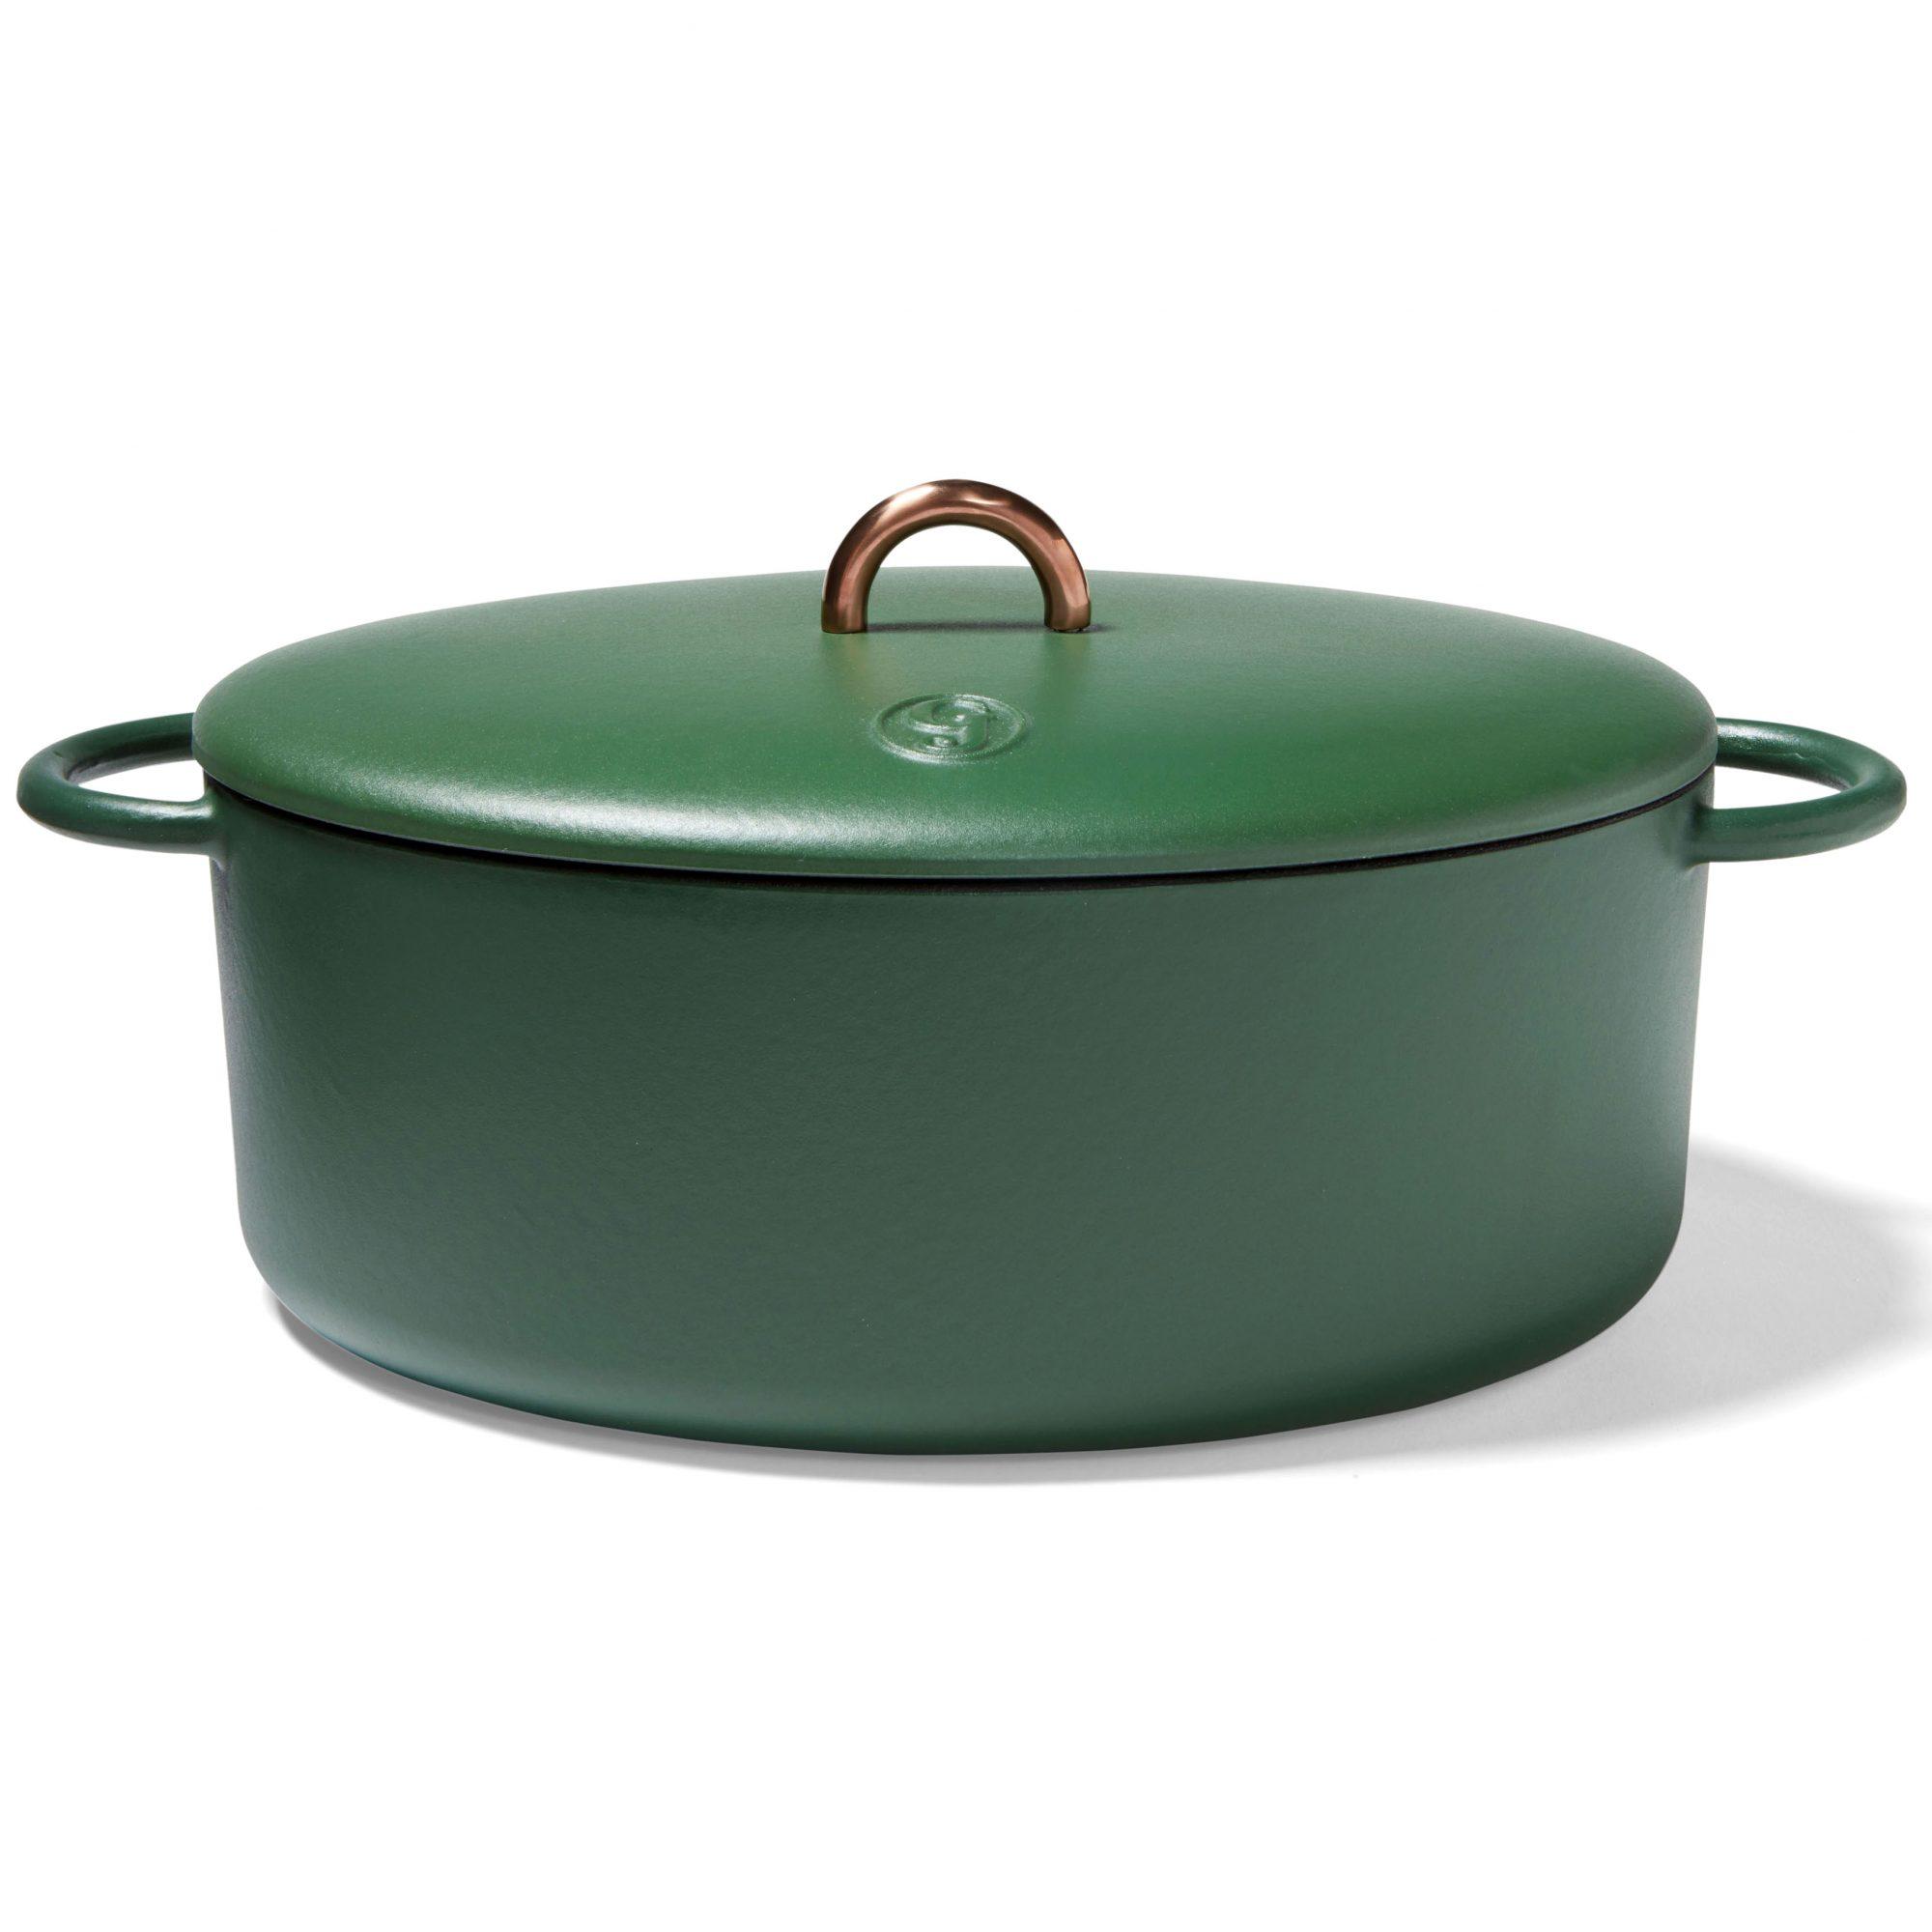 green cast-iron Great Jones Dutchess